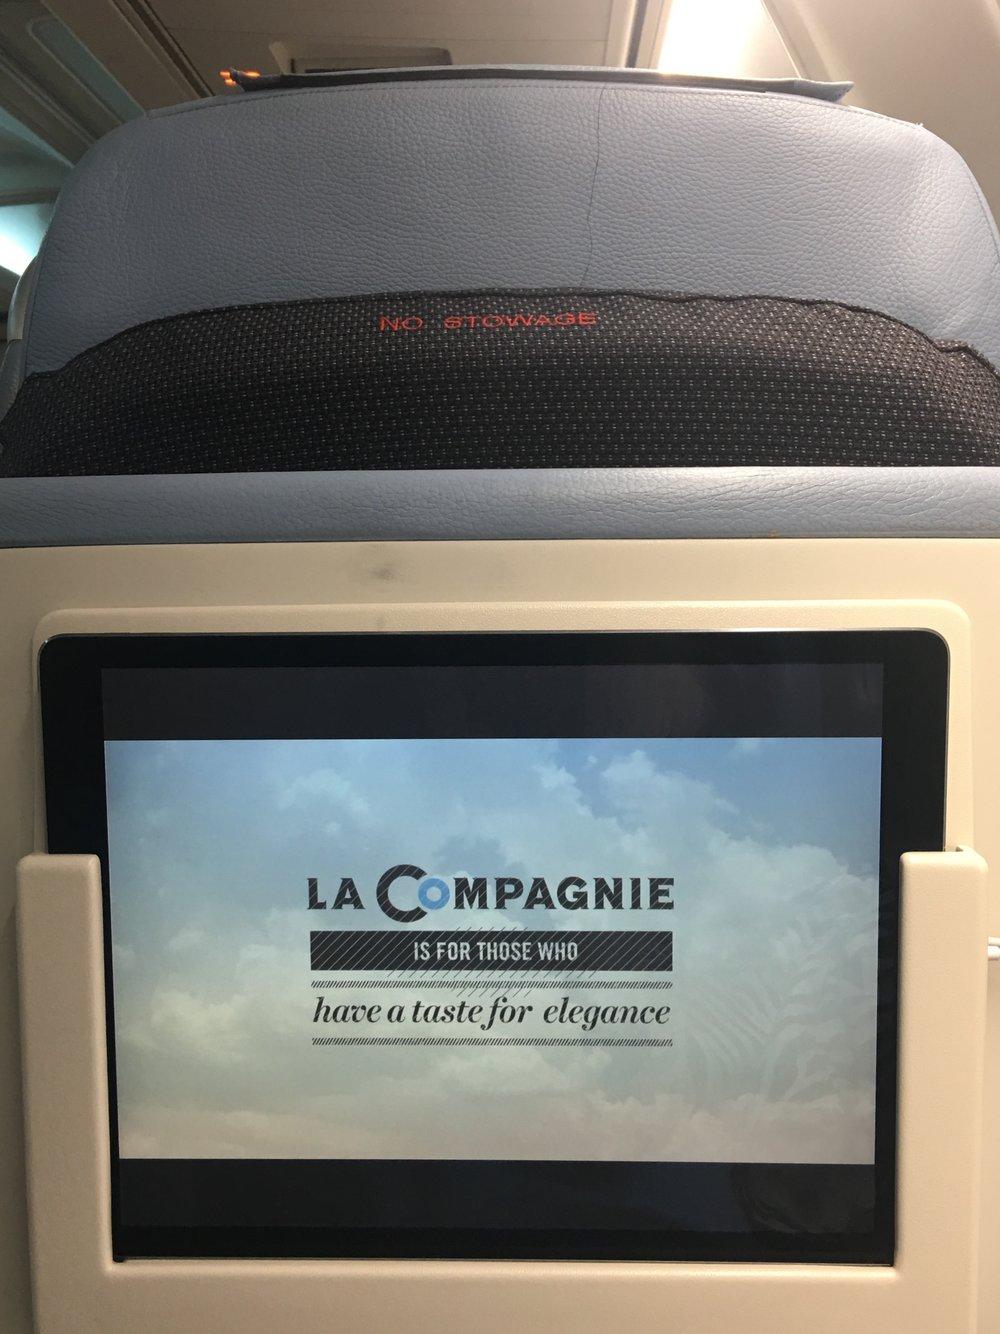 La Compagnie - Portable IPad